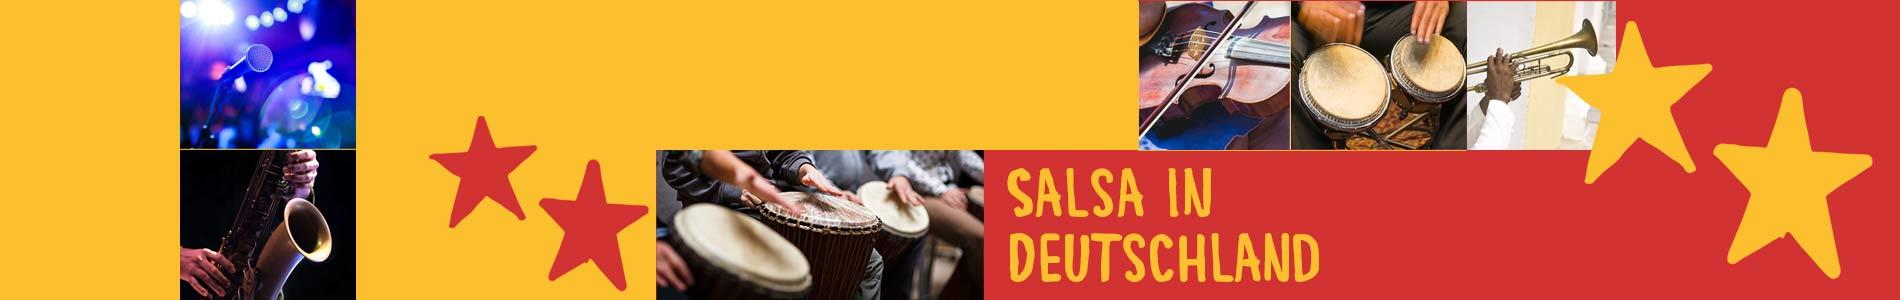 Salsa in Clingen – Salsa lernen und tanzen, Tanzkurse, Partys, Veranstaltungen